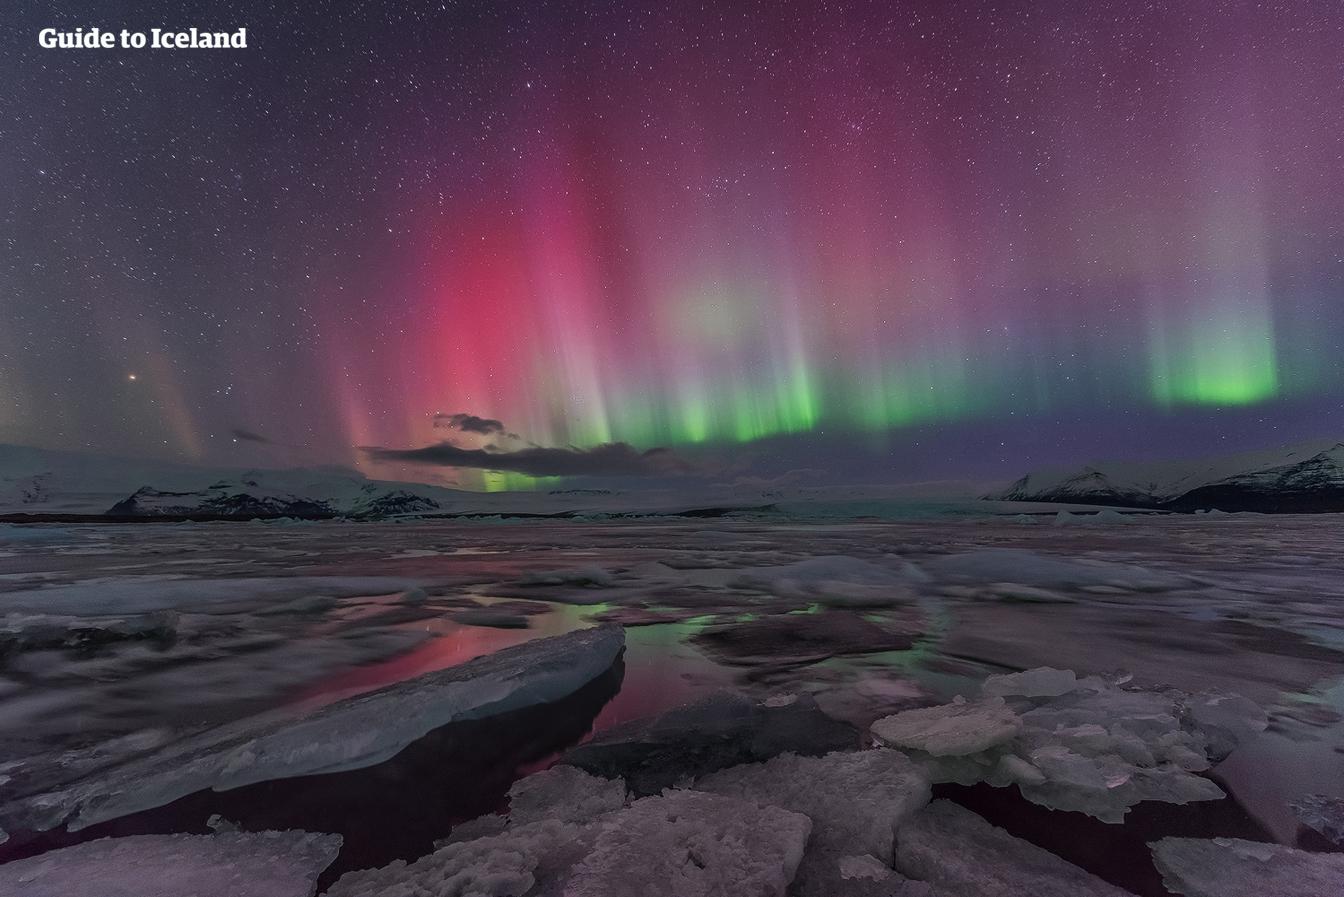 Jökulsárlón ha duplicado su tamaño en más de quince años, pero aún no es rival para la gran capacidad de expansión de las auroras boreales.